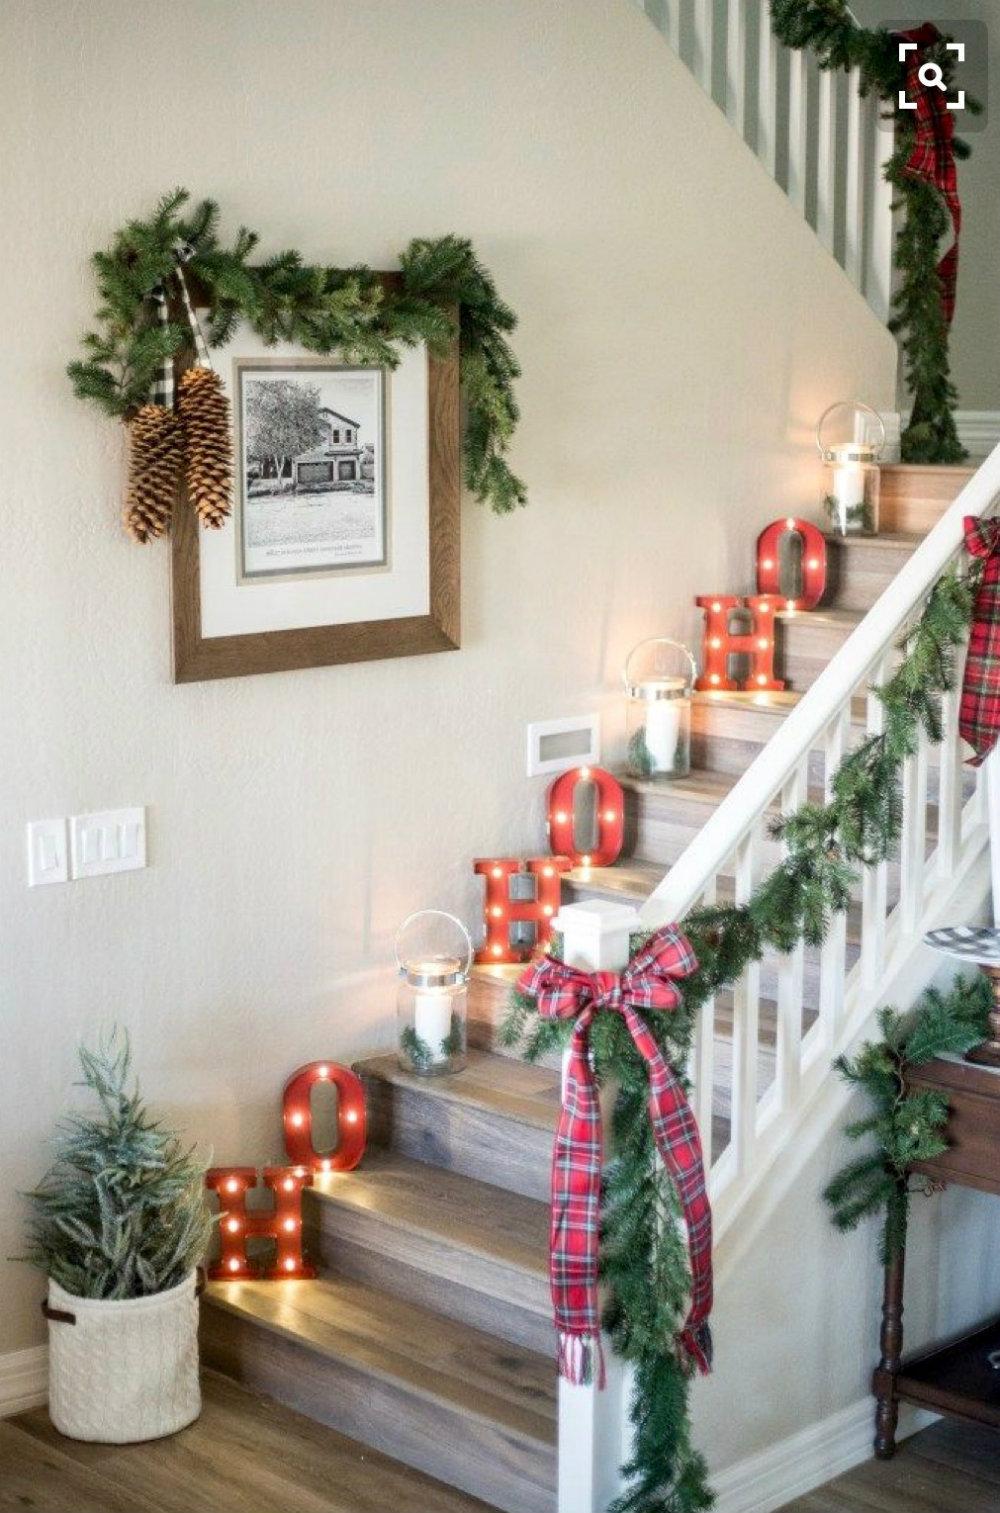 5 Magical Christmas Lighting Ideas 02 Christmas lighting 5 Magical Christmas Lighting Ideas 5 Magical Christmas Lighting Ideas 02